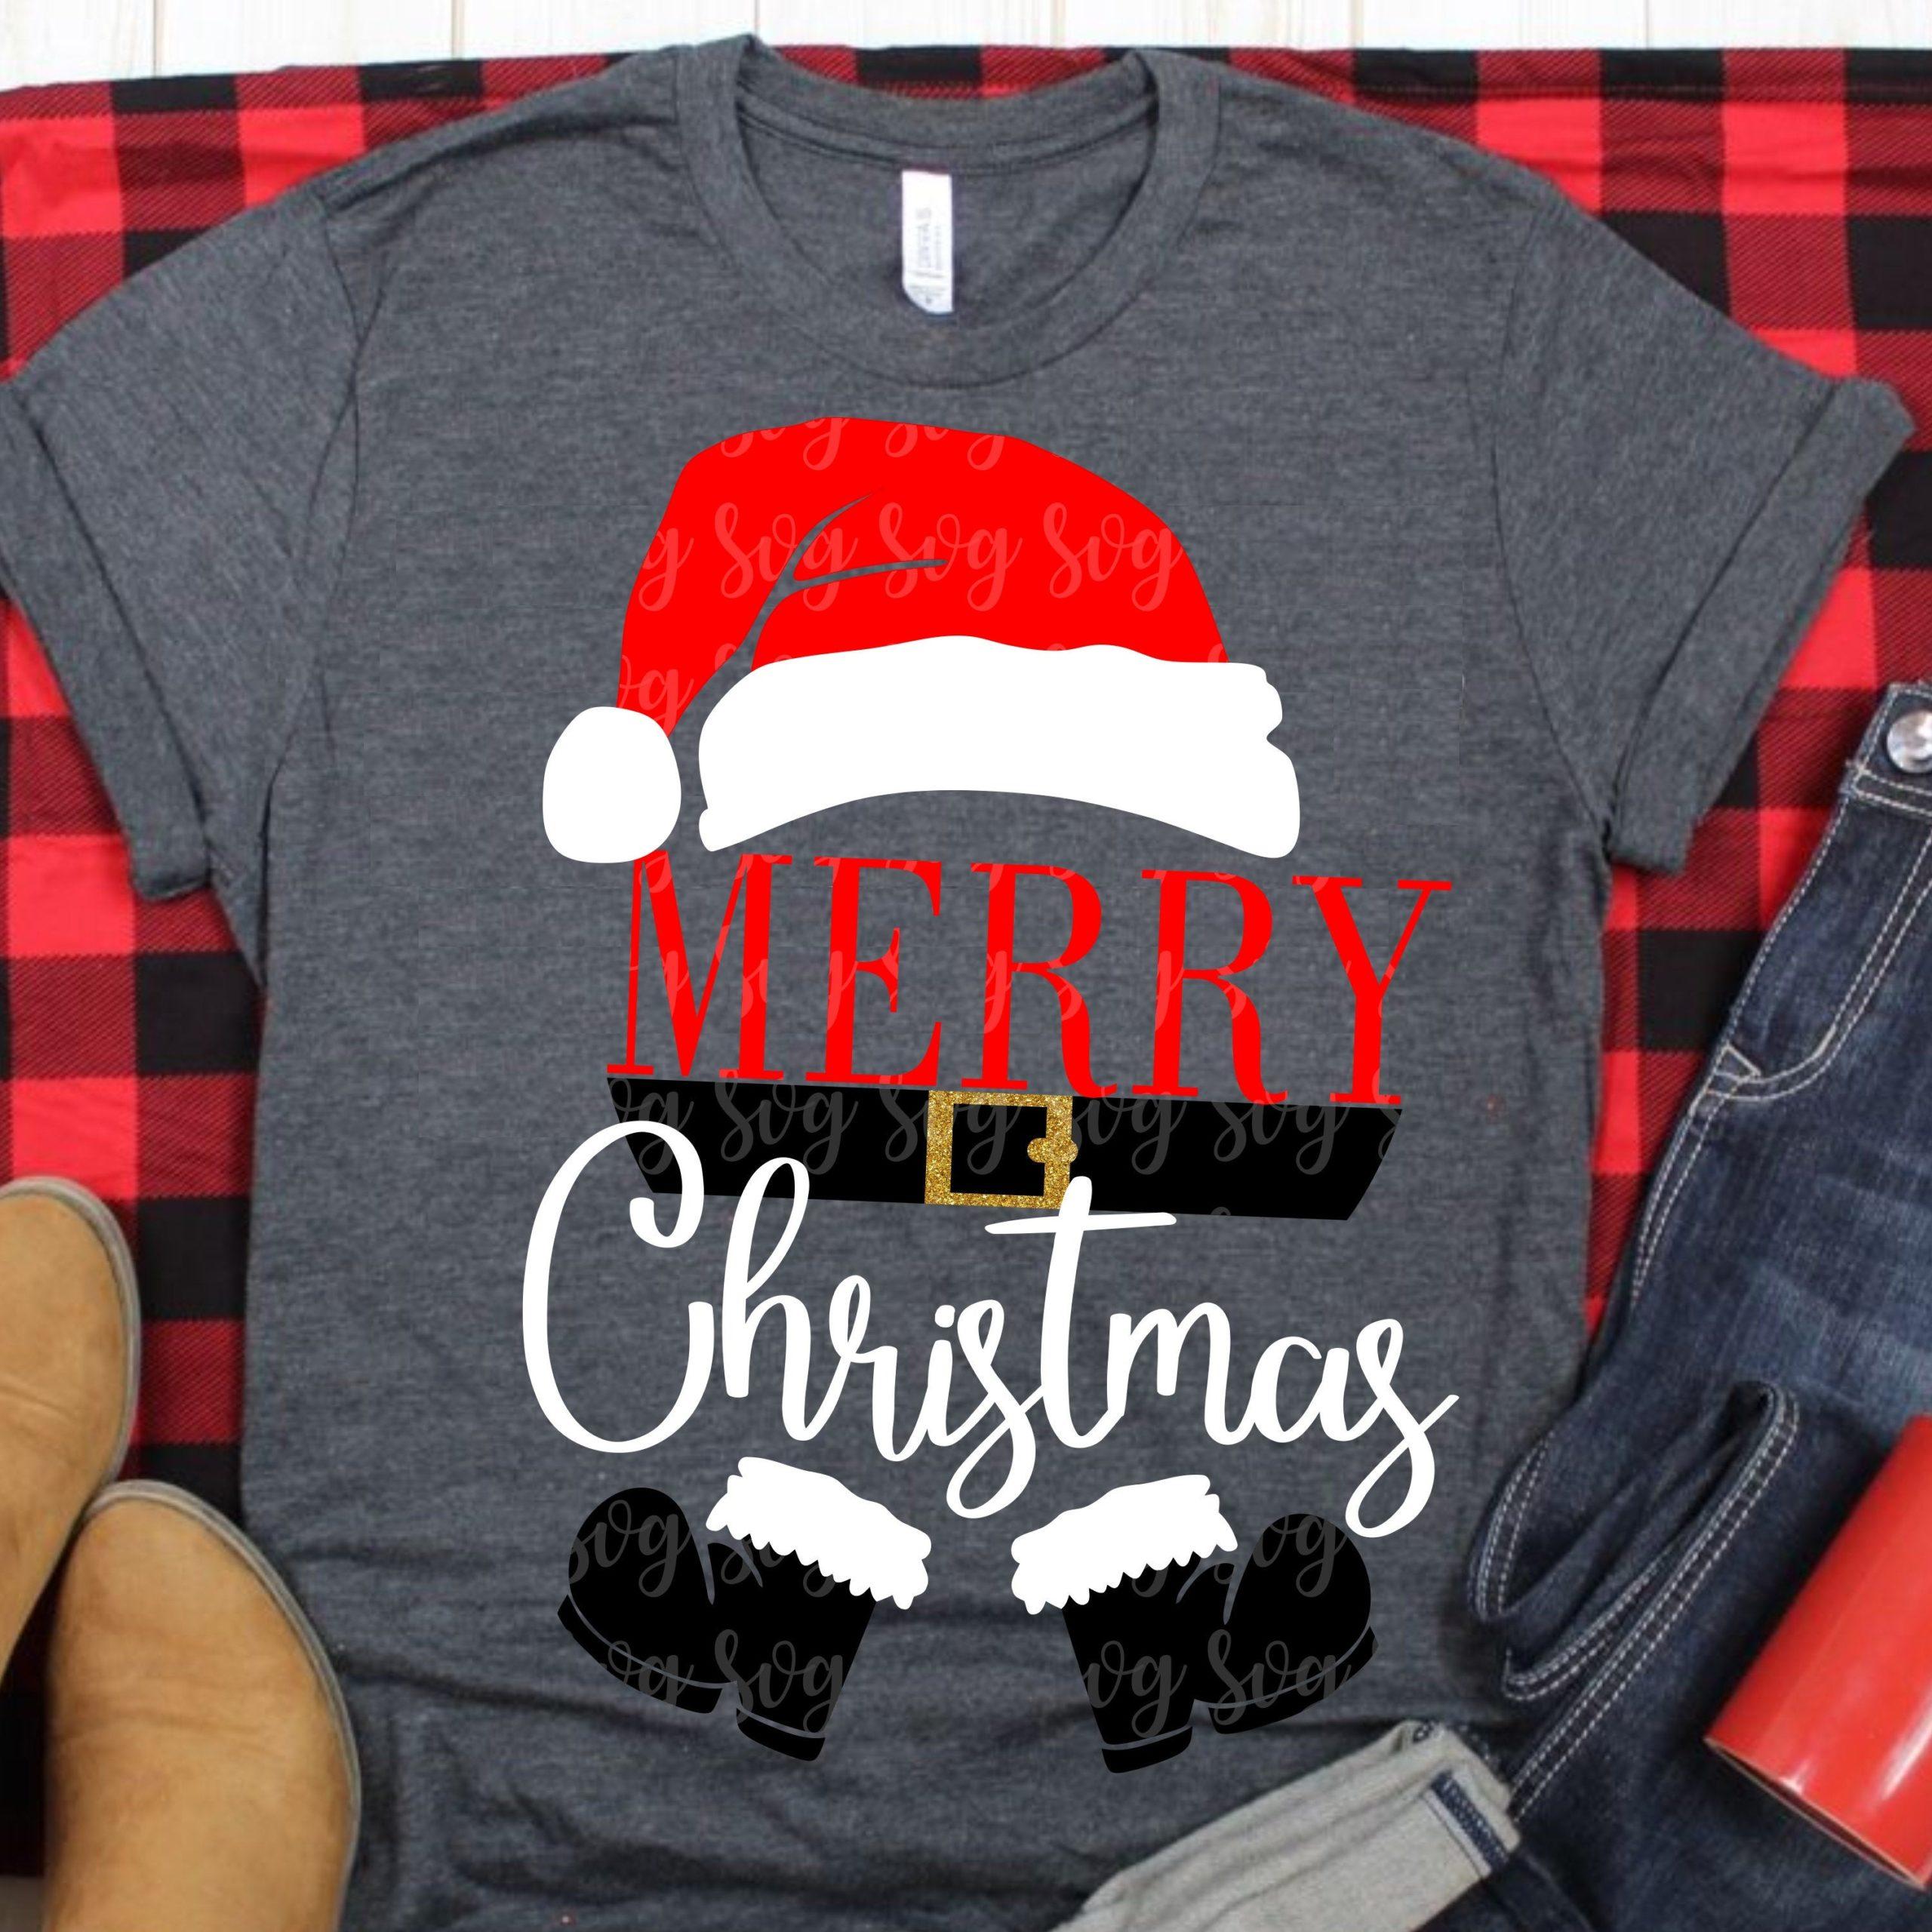 Santa-claus-svg-christmas-svgsanta-hat-svgmerry-christmas-svg-santa-svgdxfepssanta-belt-svgsvg-for-cricutchristmas-santa-svg-2-5e22577d